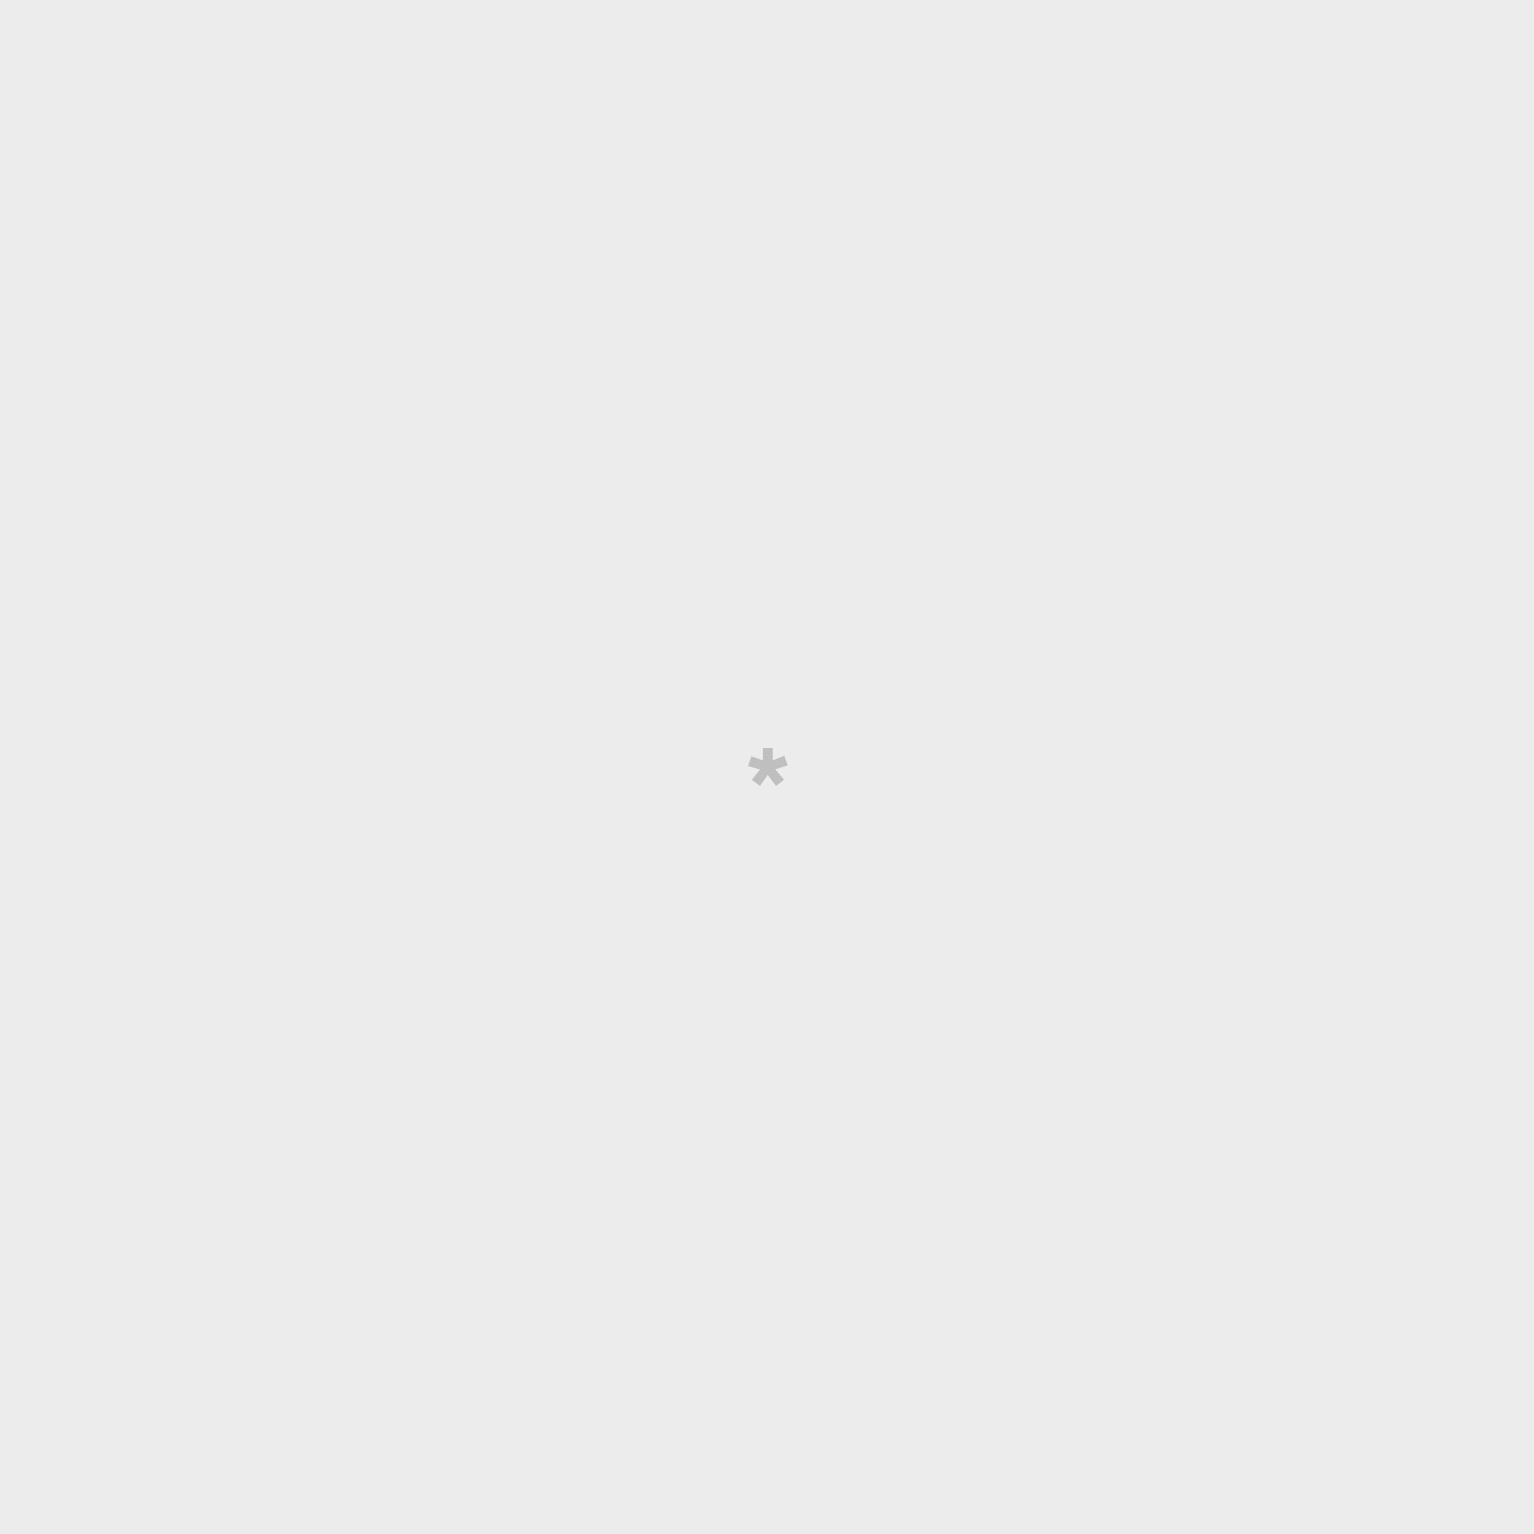 Journal intime avec cadenas - Toutes les choses qu i m'arrivent